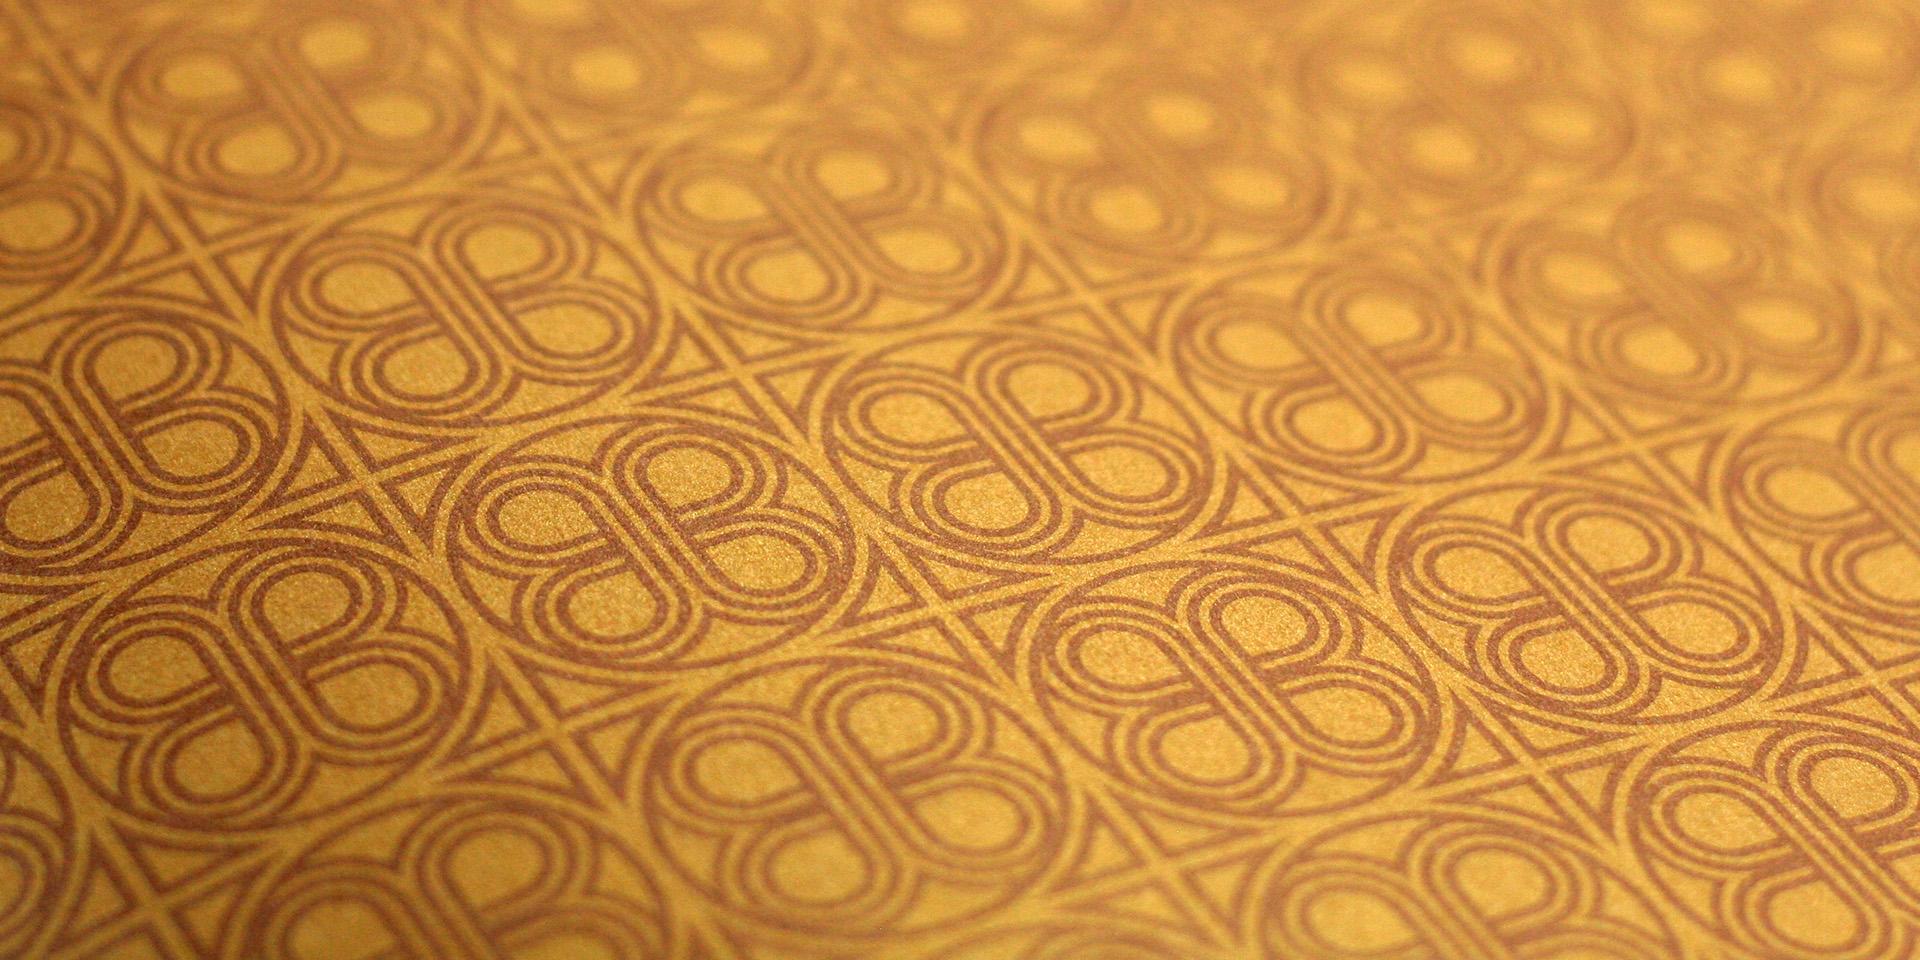 Ballamona logo repeat-pattern